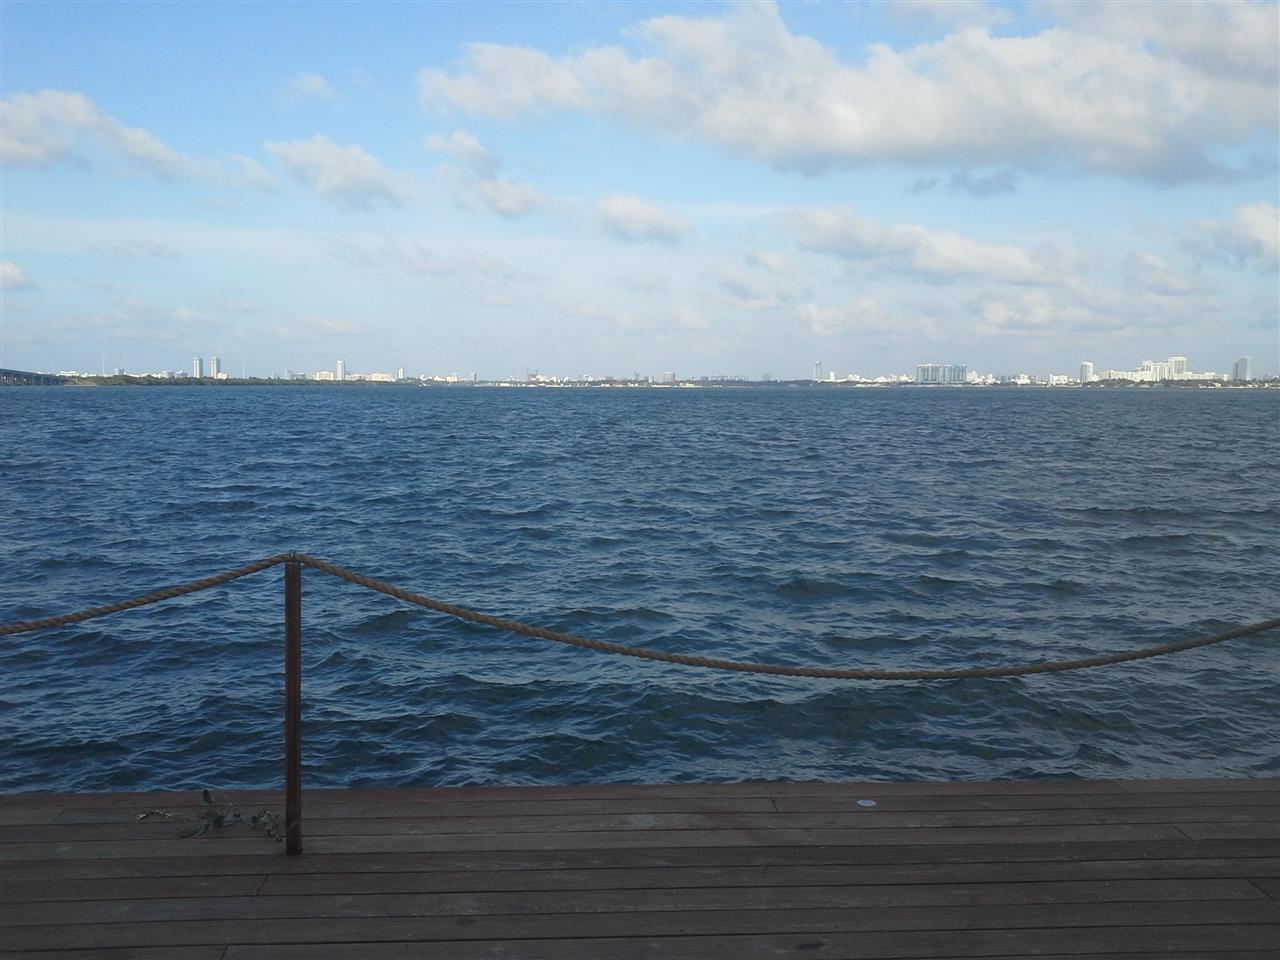 View of Miami Bay, #soflo, #leadingrelocal